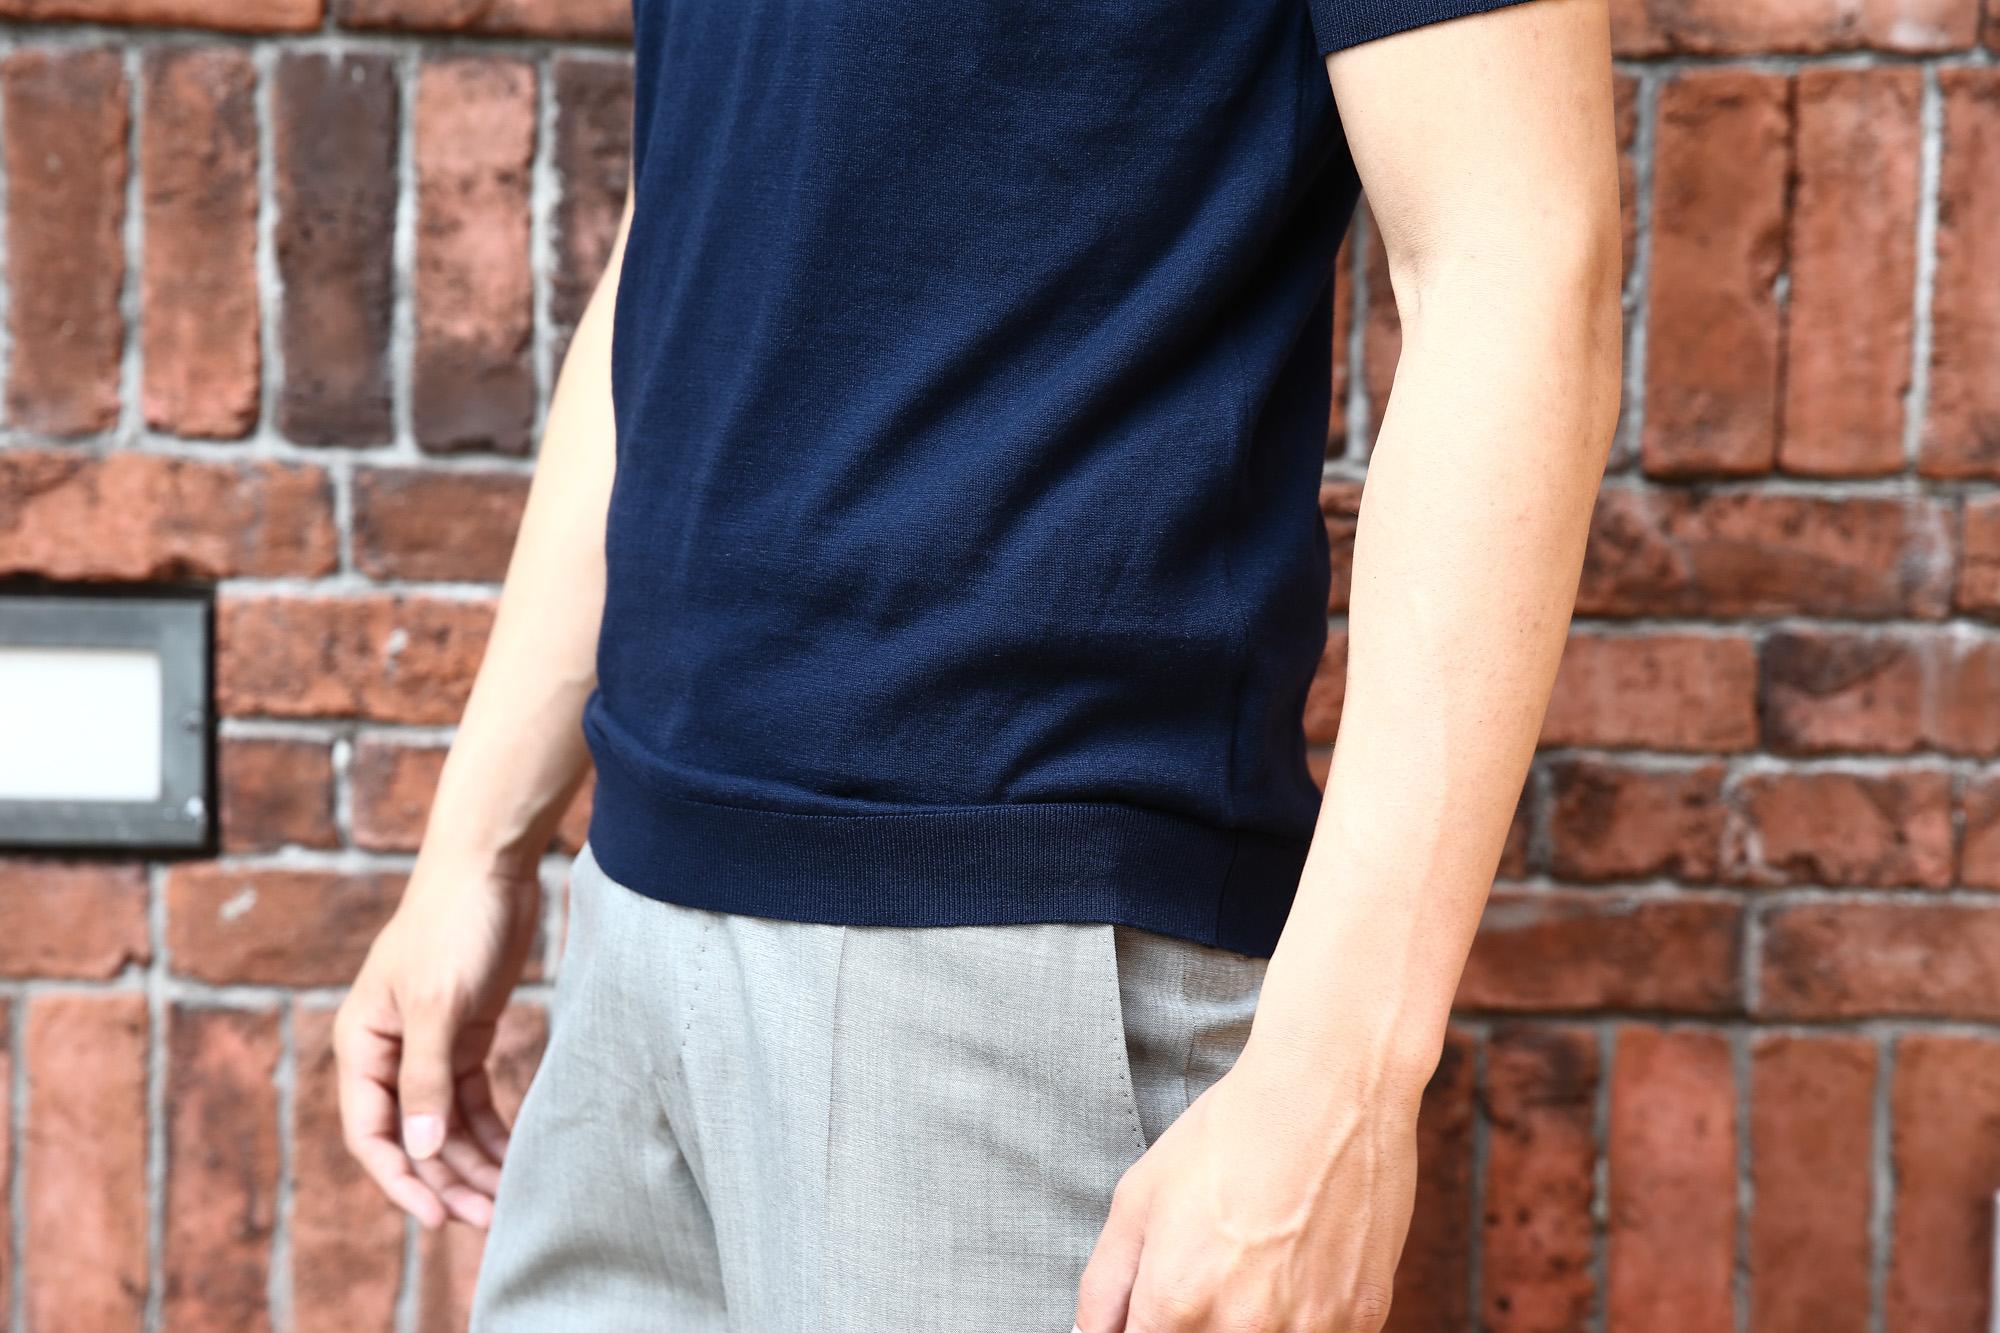 JOHN SMEDLEY (ジョンスメドレー) IMPERIAL KASHMIR (カシミアシリーズ) STONWELL (ストンウェル) CASHMERE × SEA ISLAND COTTON (カシミア × シーアイランドコットン) ショートスリーブ コットンカシミヤニット Tシャツ NAVY (ネイビー) Made in England (イギリス製) 2018 春夏新作 johnsmedley カシミア カシミヤ 愛知 名古屋 Alto e Diritto アルト エ デリット